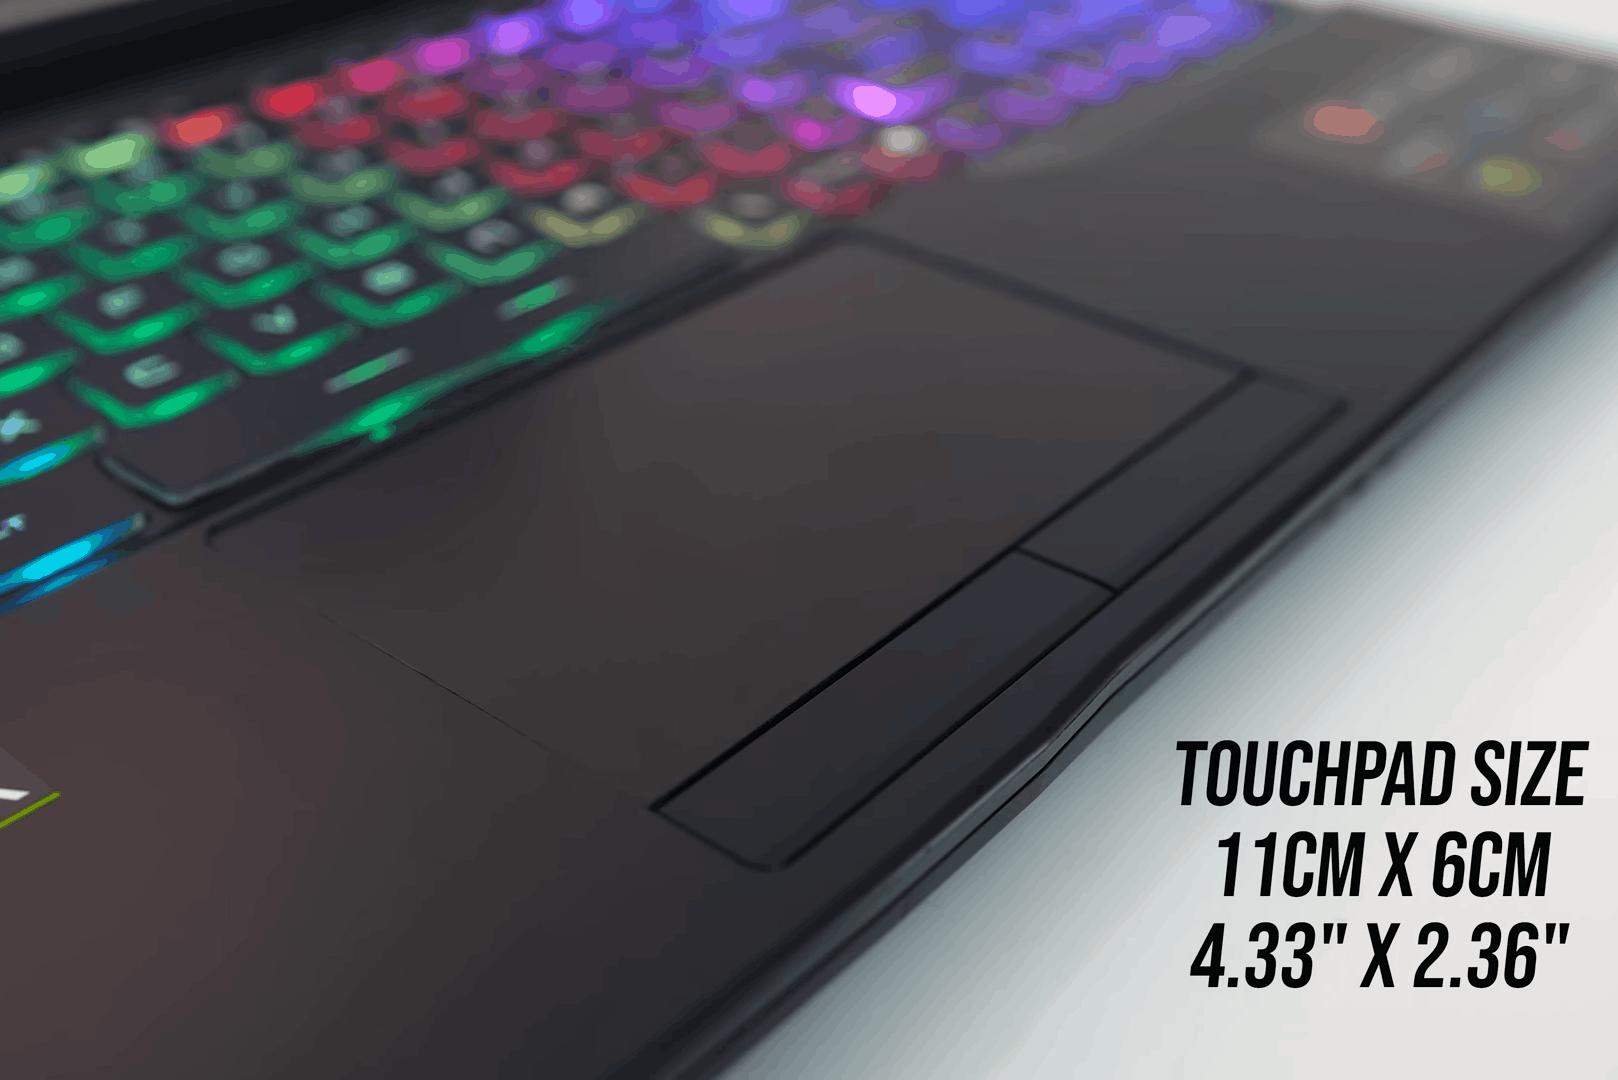 MSI GL65 2020 touchpad